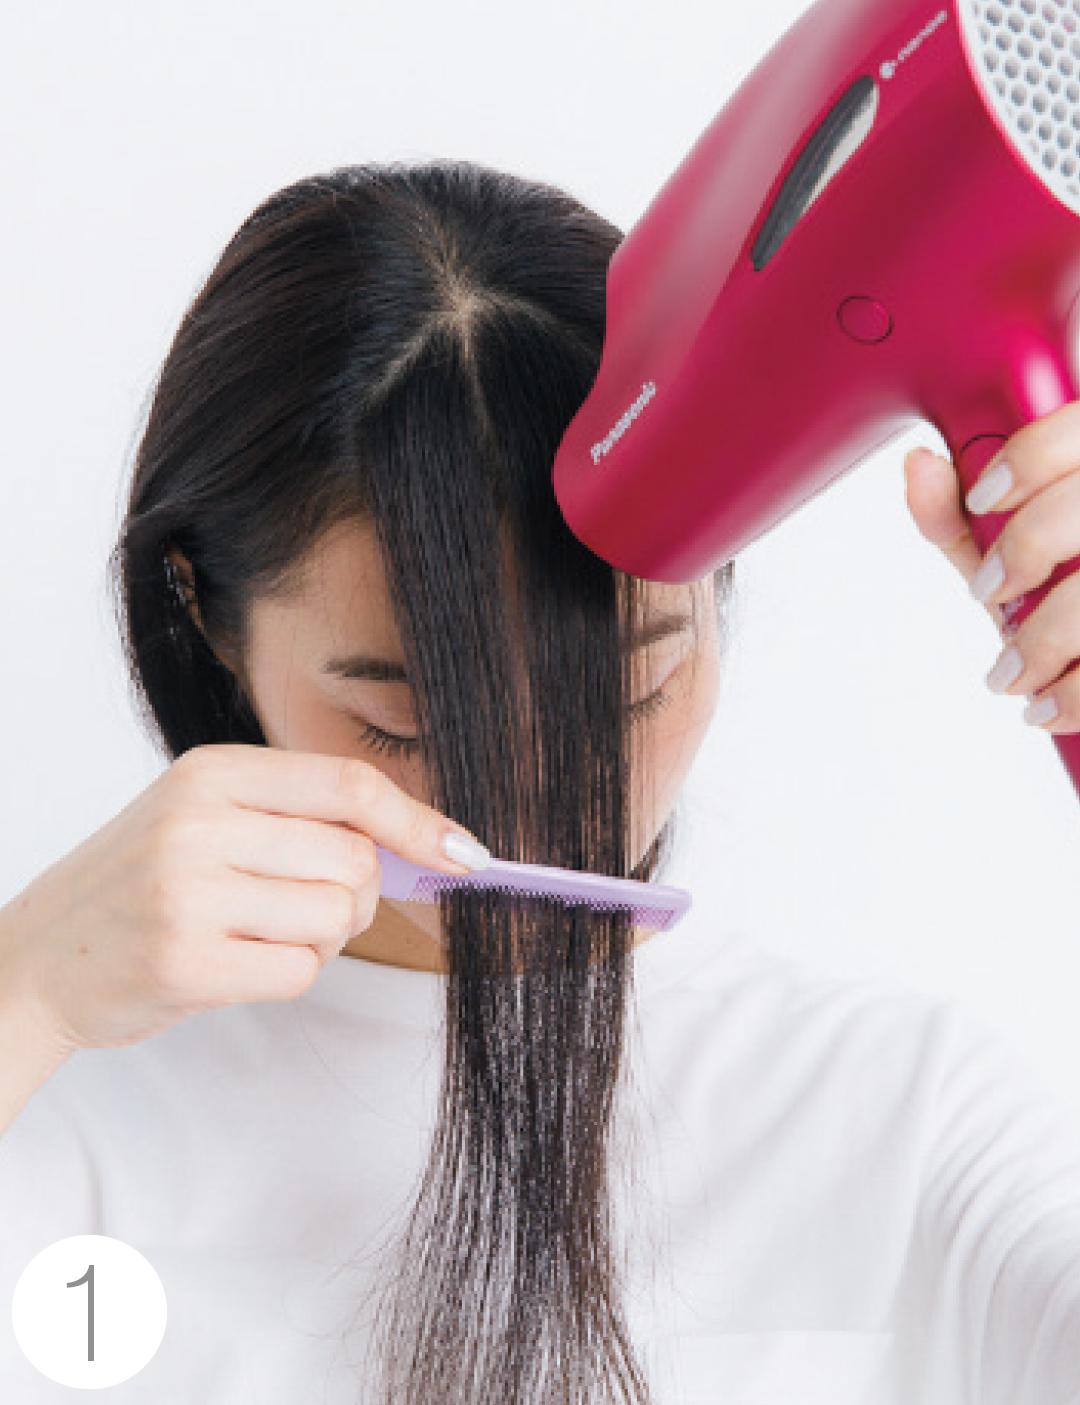 前髪がぱっくり割れてる、寝グセがヤバい…朝の髪形悩み、解決策5選!_1_4-1